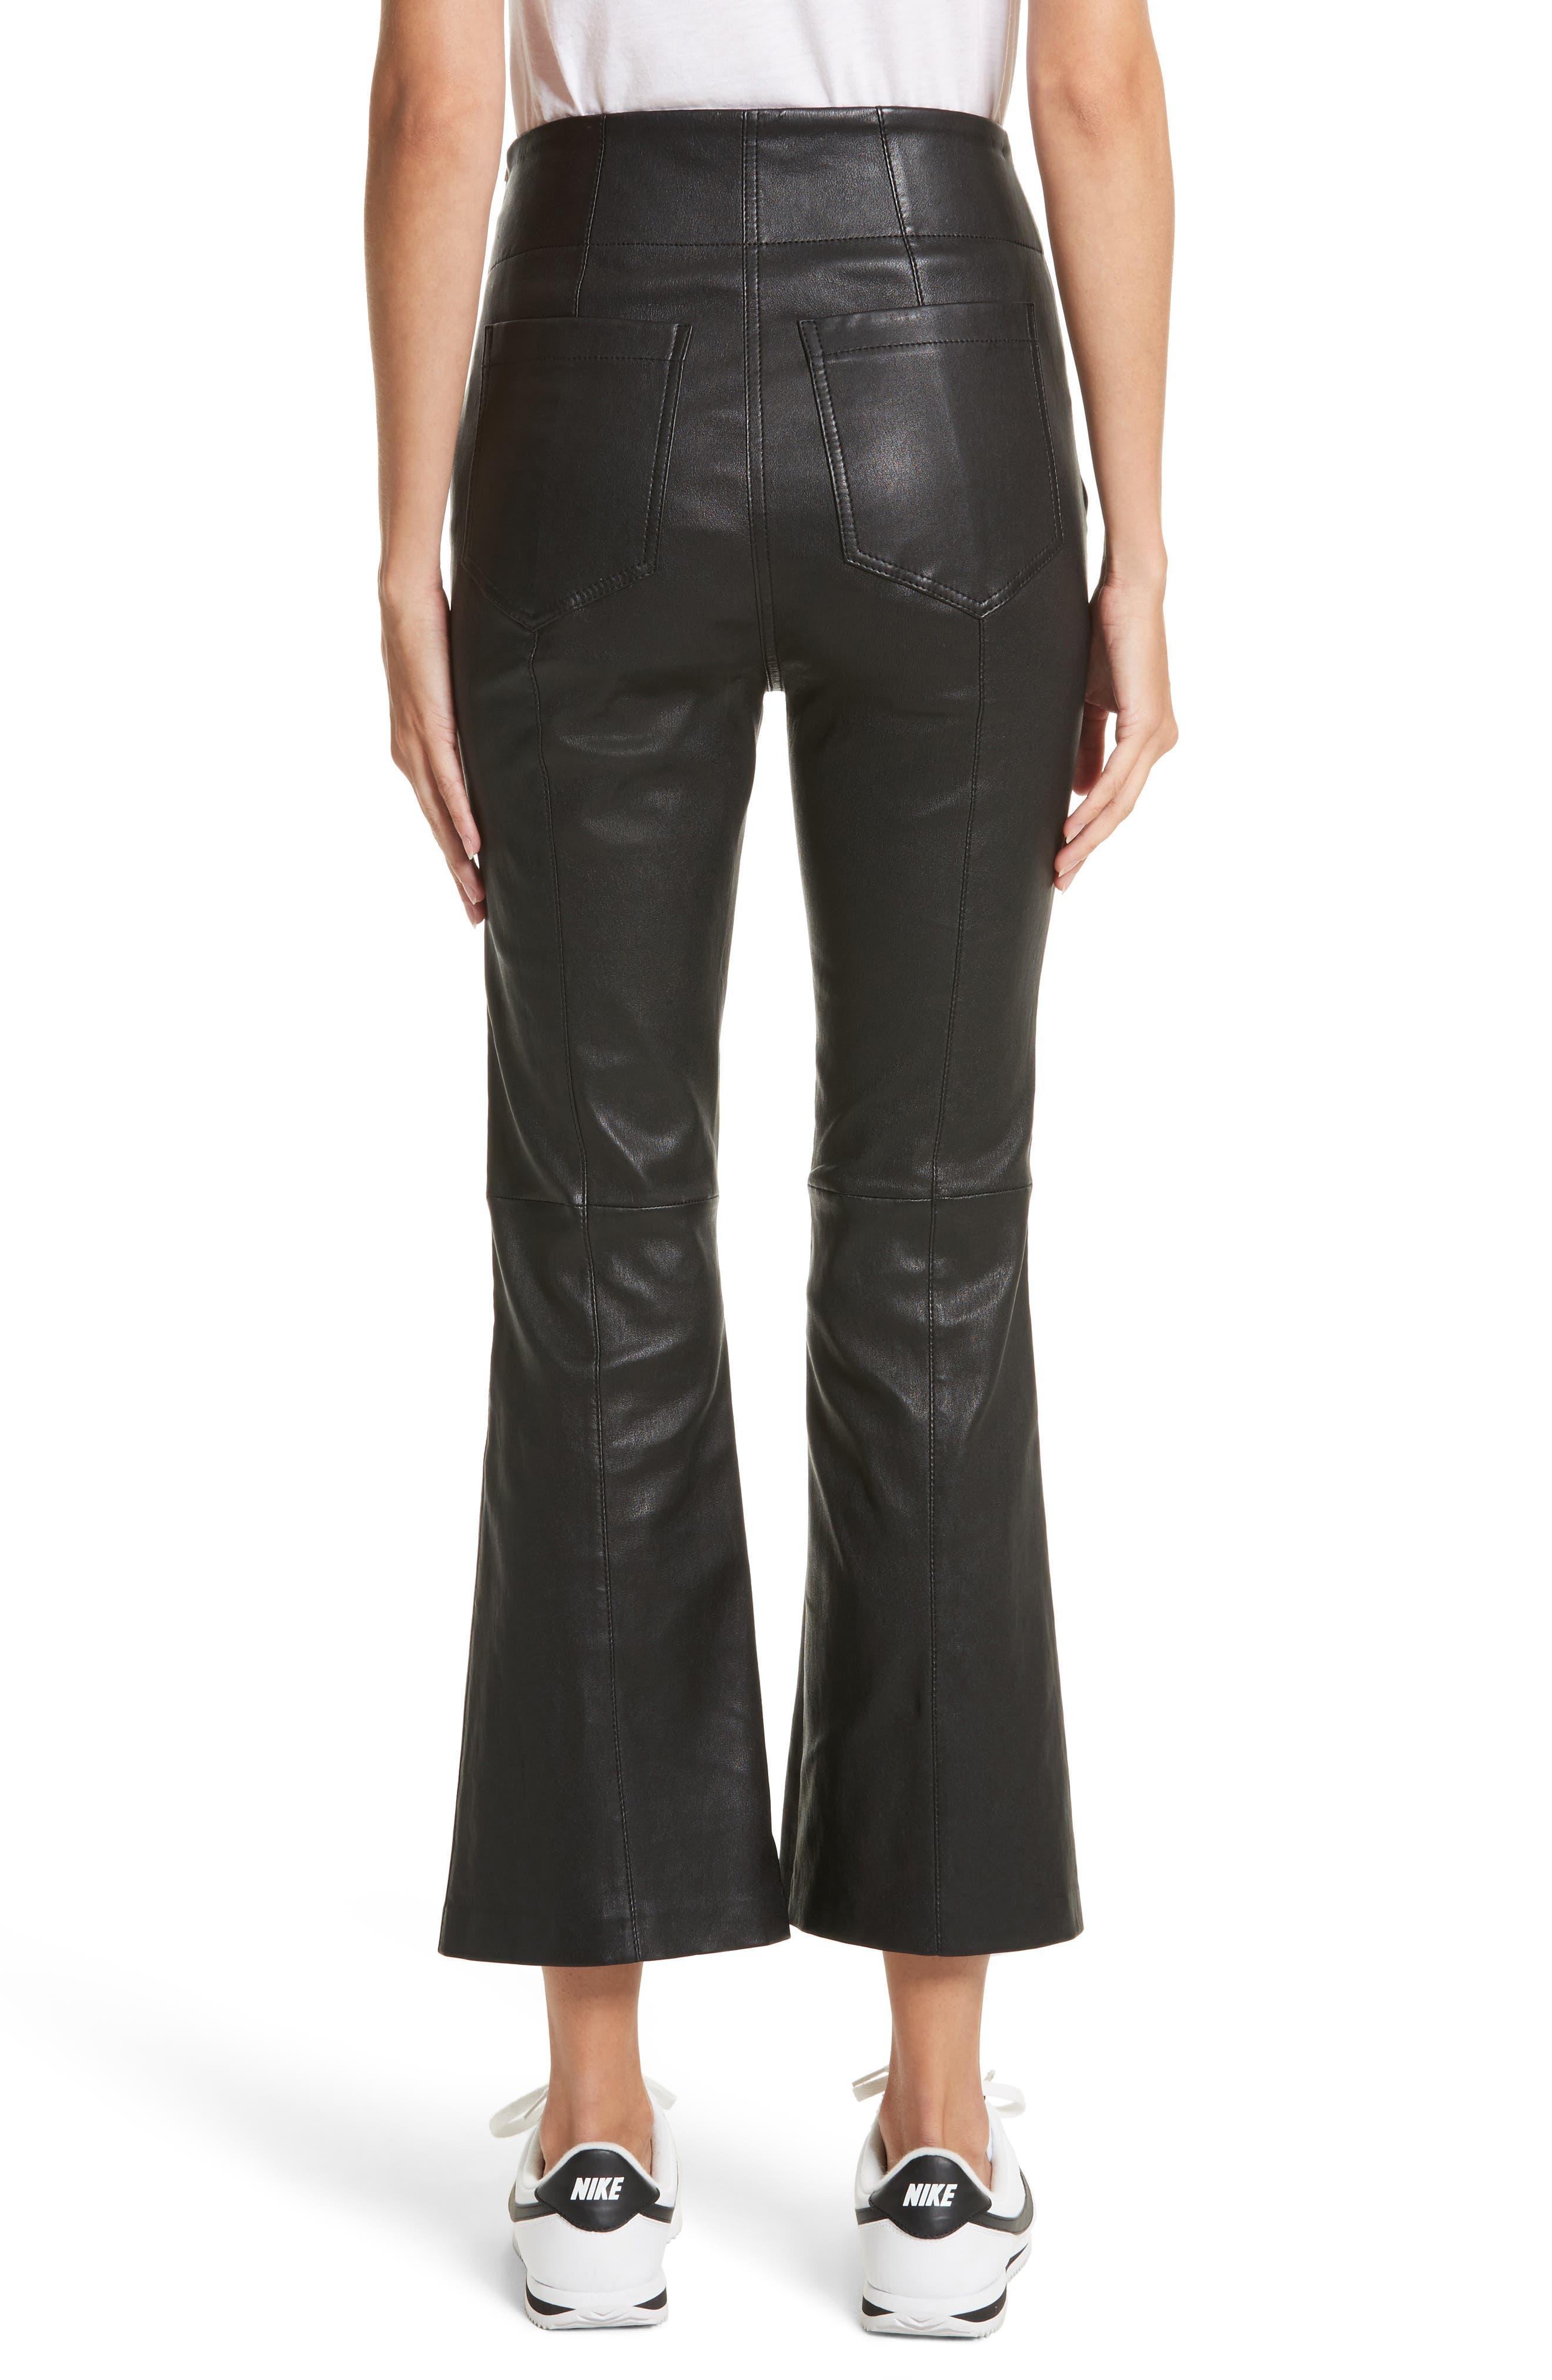 Delia Lace Up Leather Pants,                             Alternate thumbnail 2, color,                             001